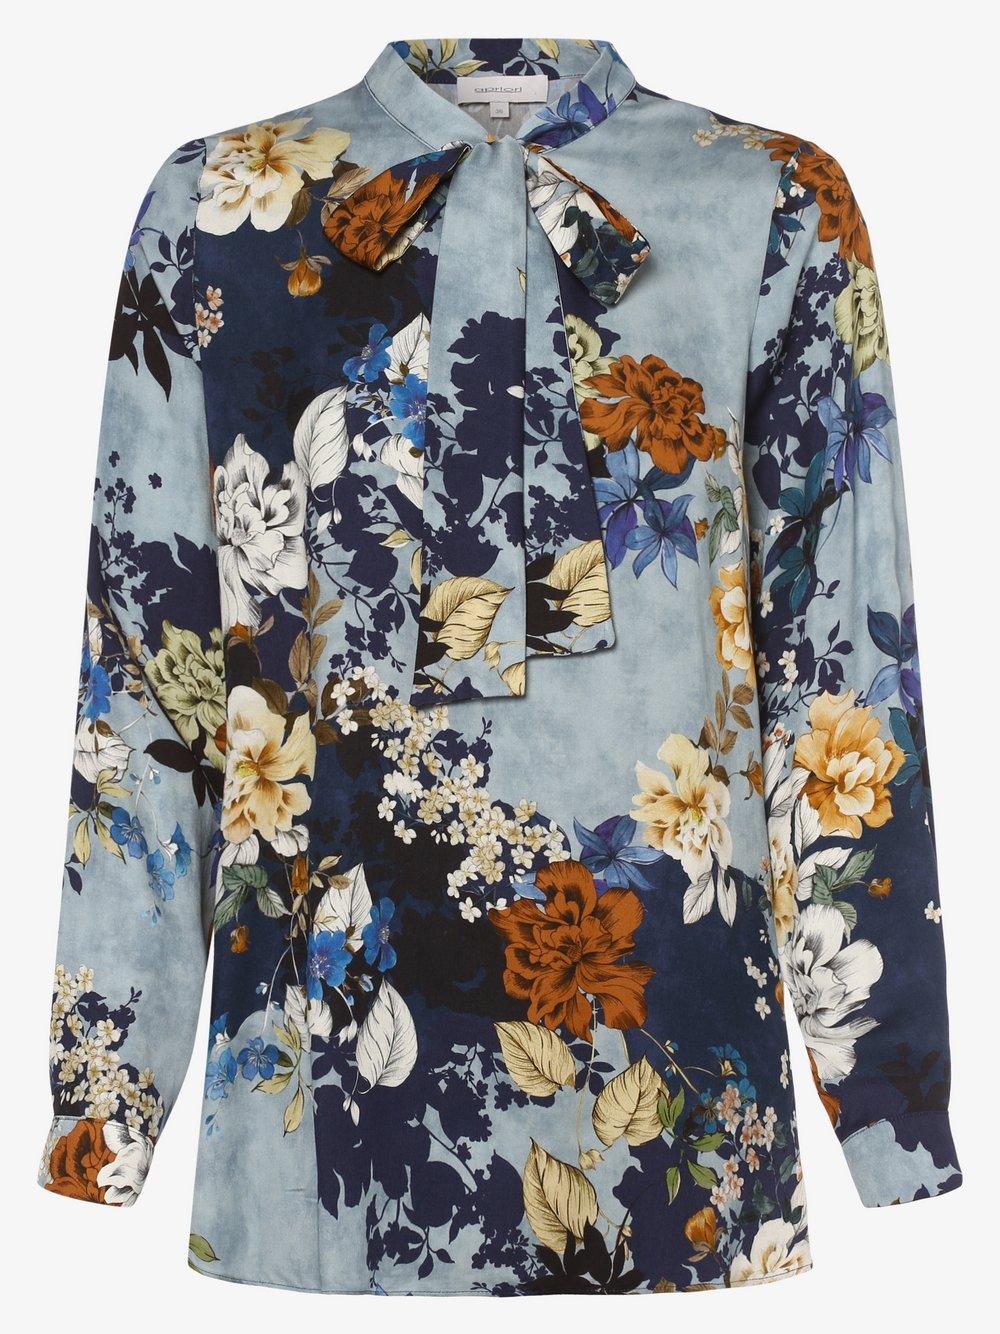 Apriori – Bluzka damska, niebieski Van Graaf 484724-0001-00460